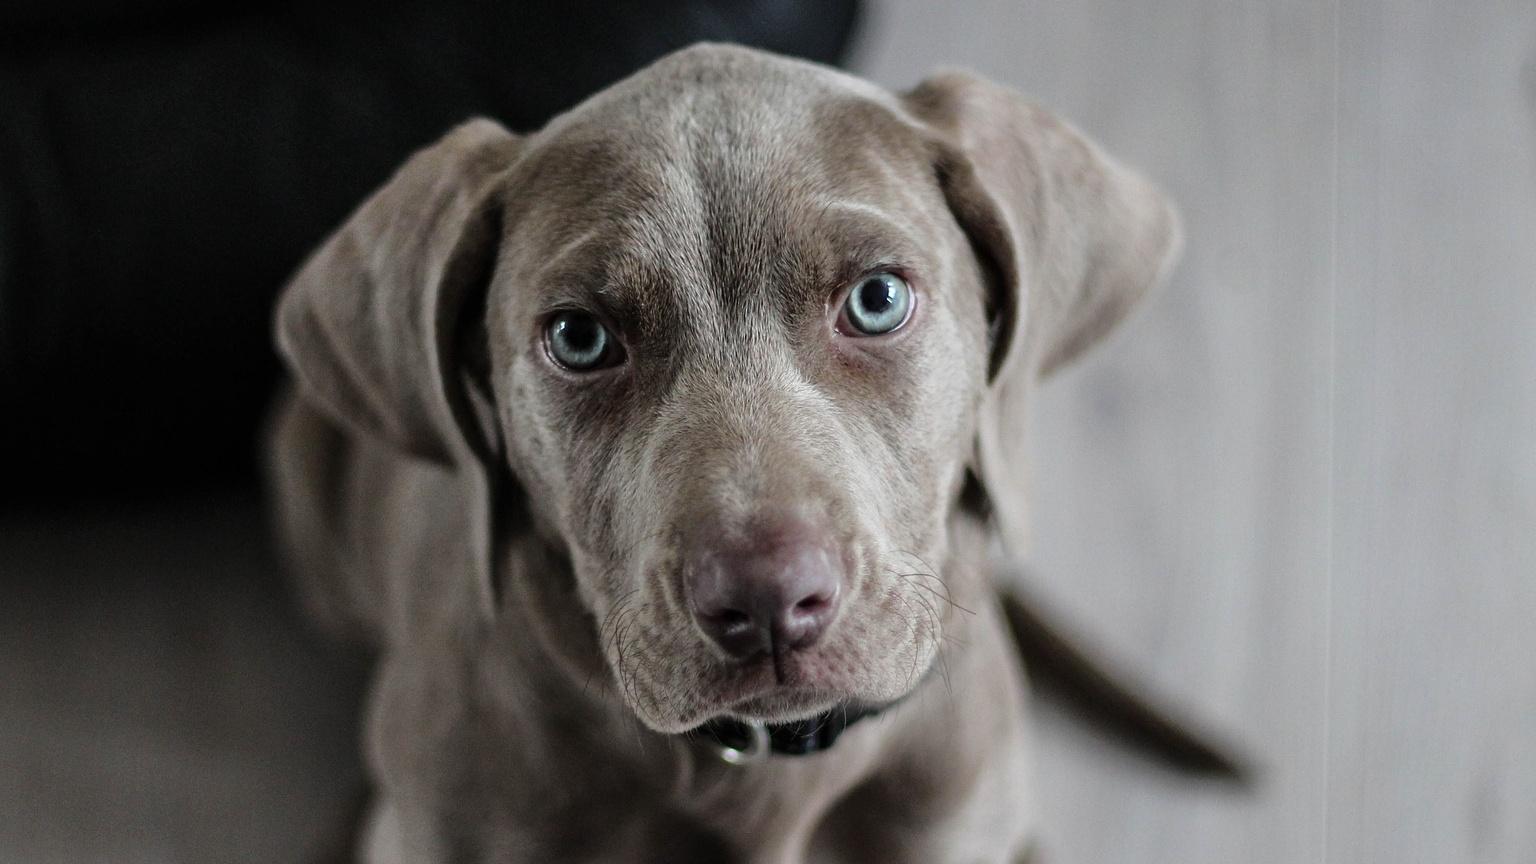 Hund-will-nicht-alleine-bleiben-Martin-R-tter-wei-was-jetzt-zu-tun-ist